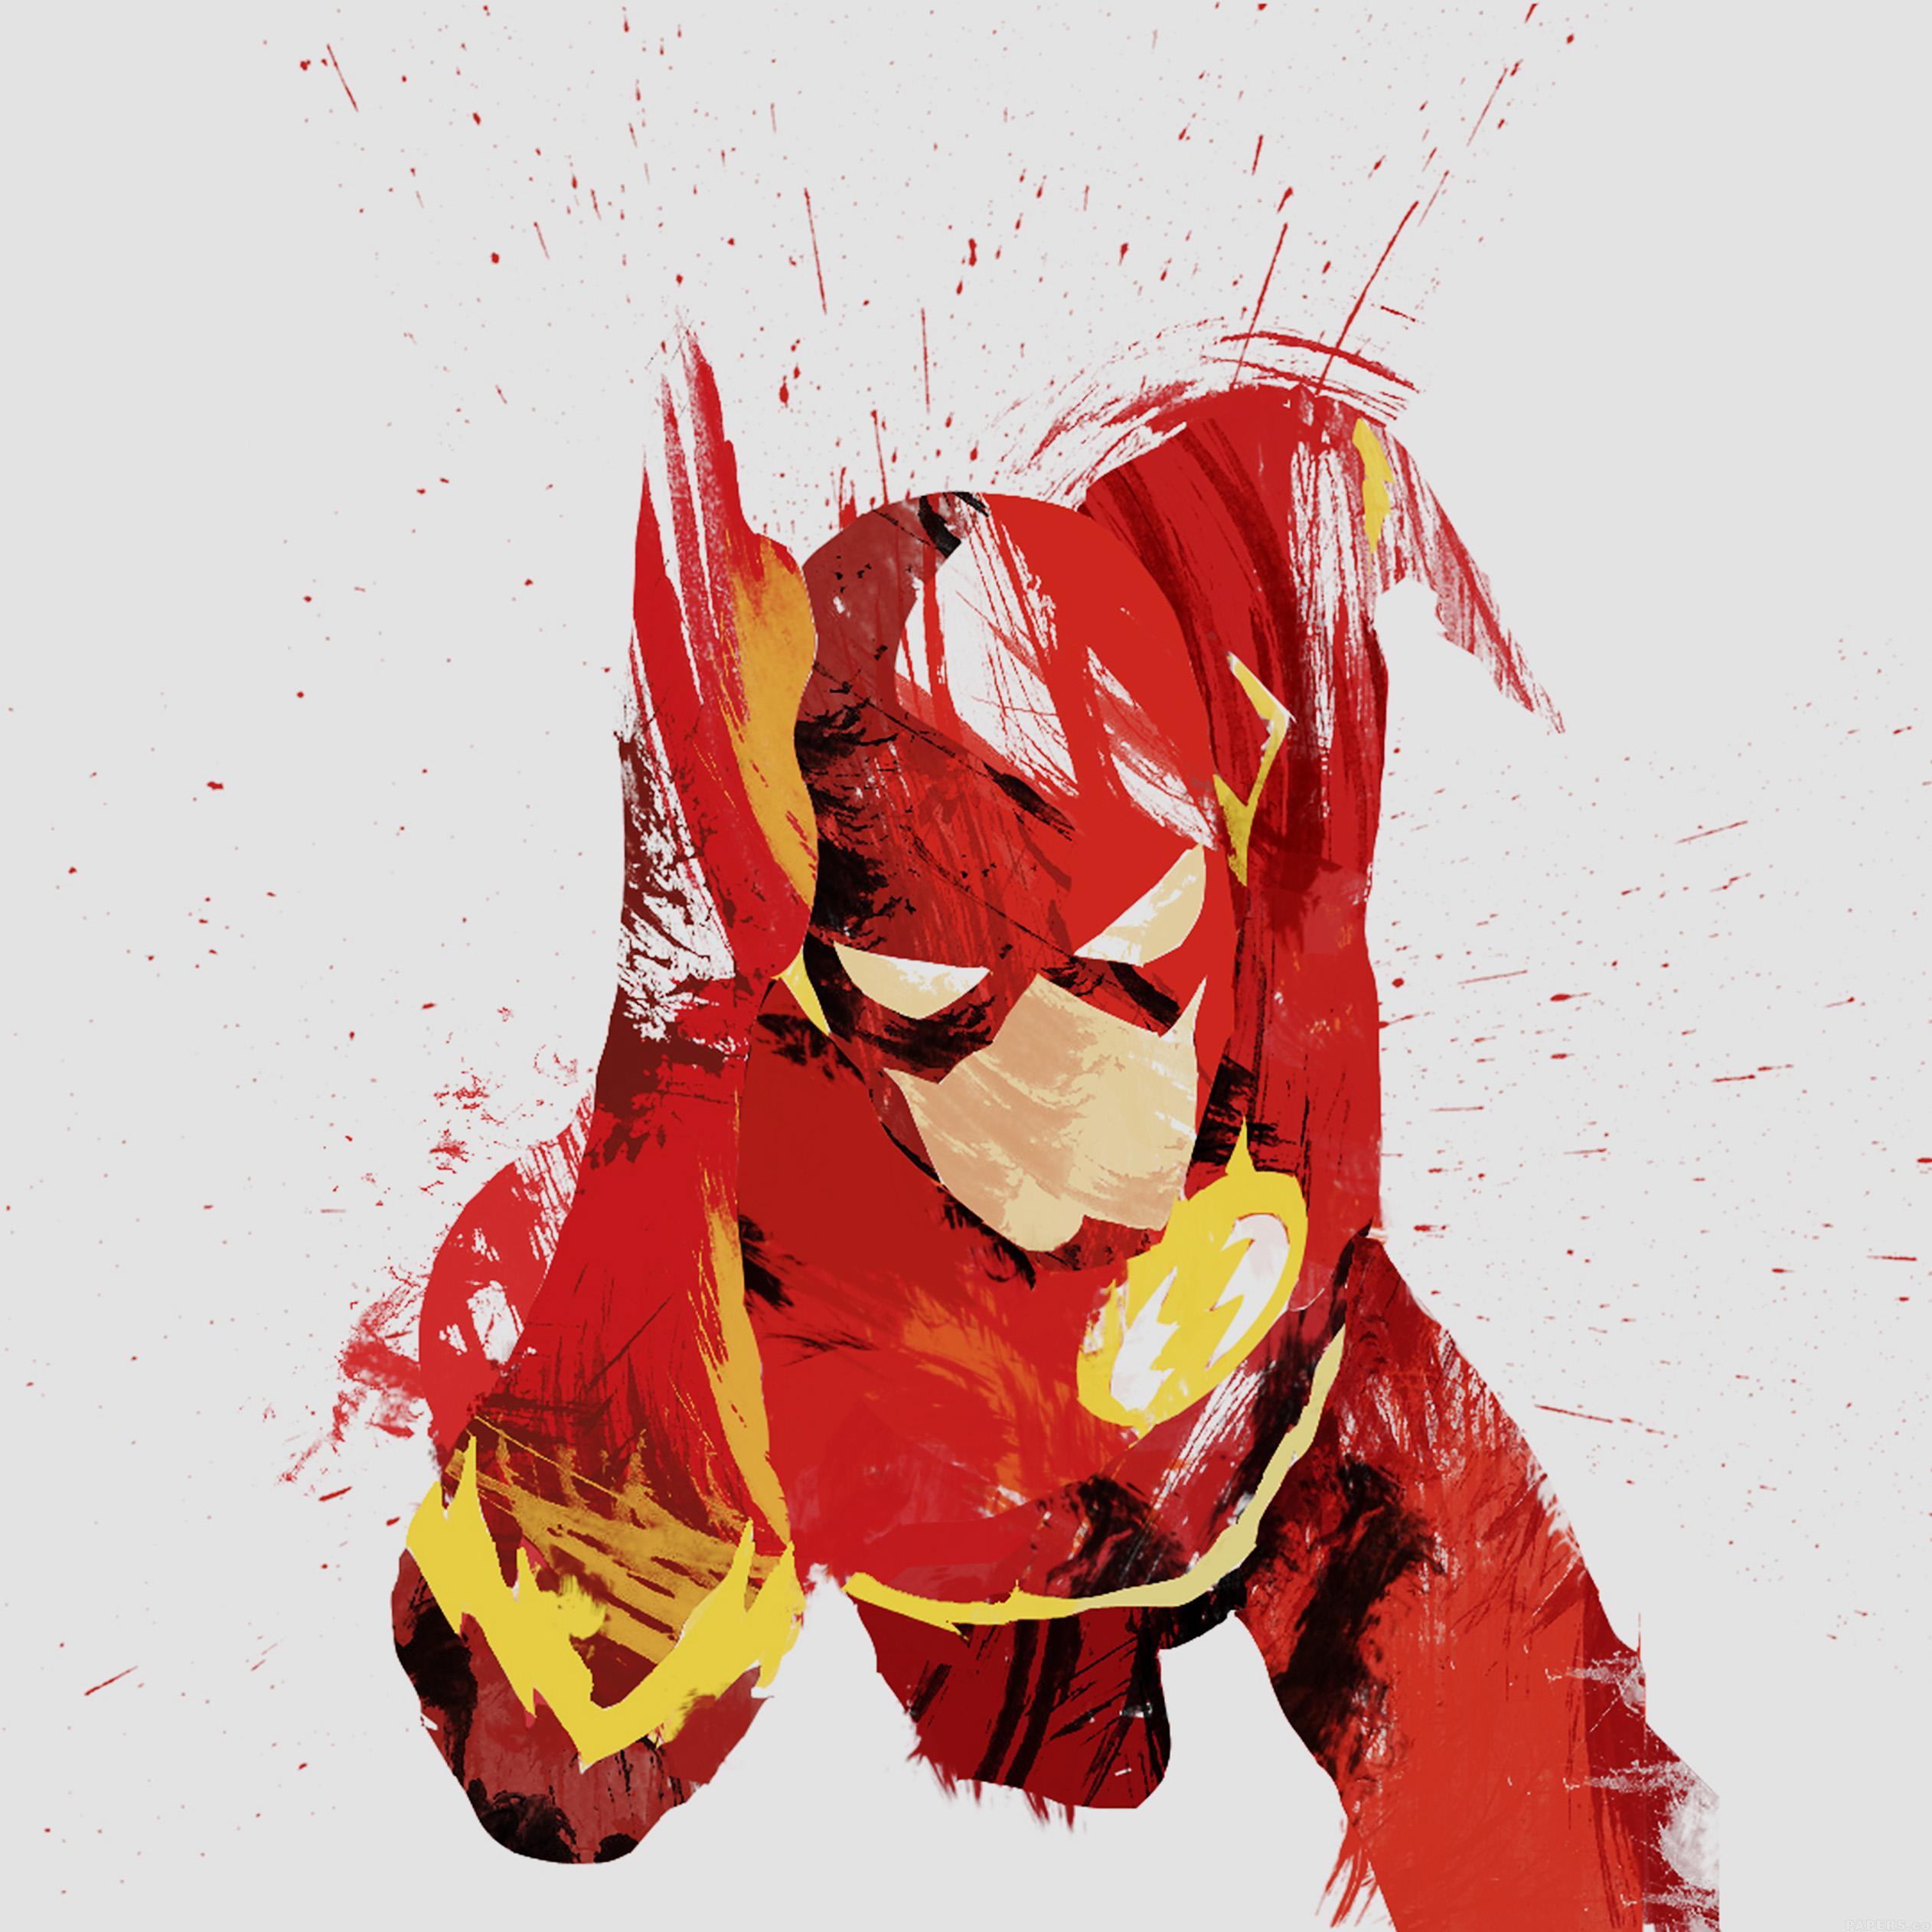 Wallpaper Iphone Superhero: Ah41-flash-speed-hero-illust-minimal-art